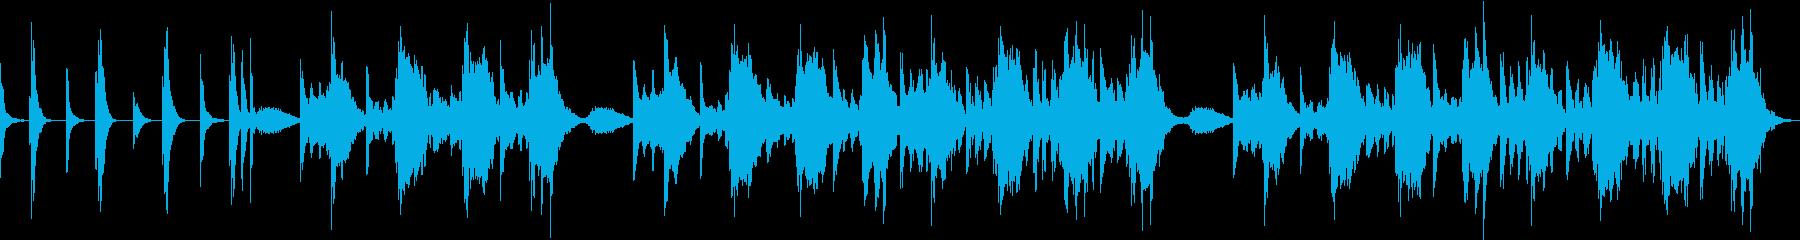 ハープの軽快なメロディで不眠解消の再生済みの波形